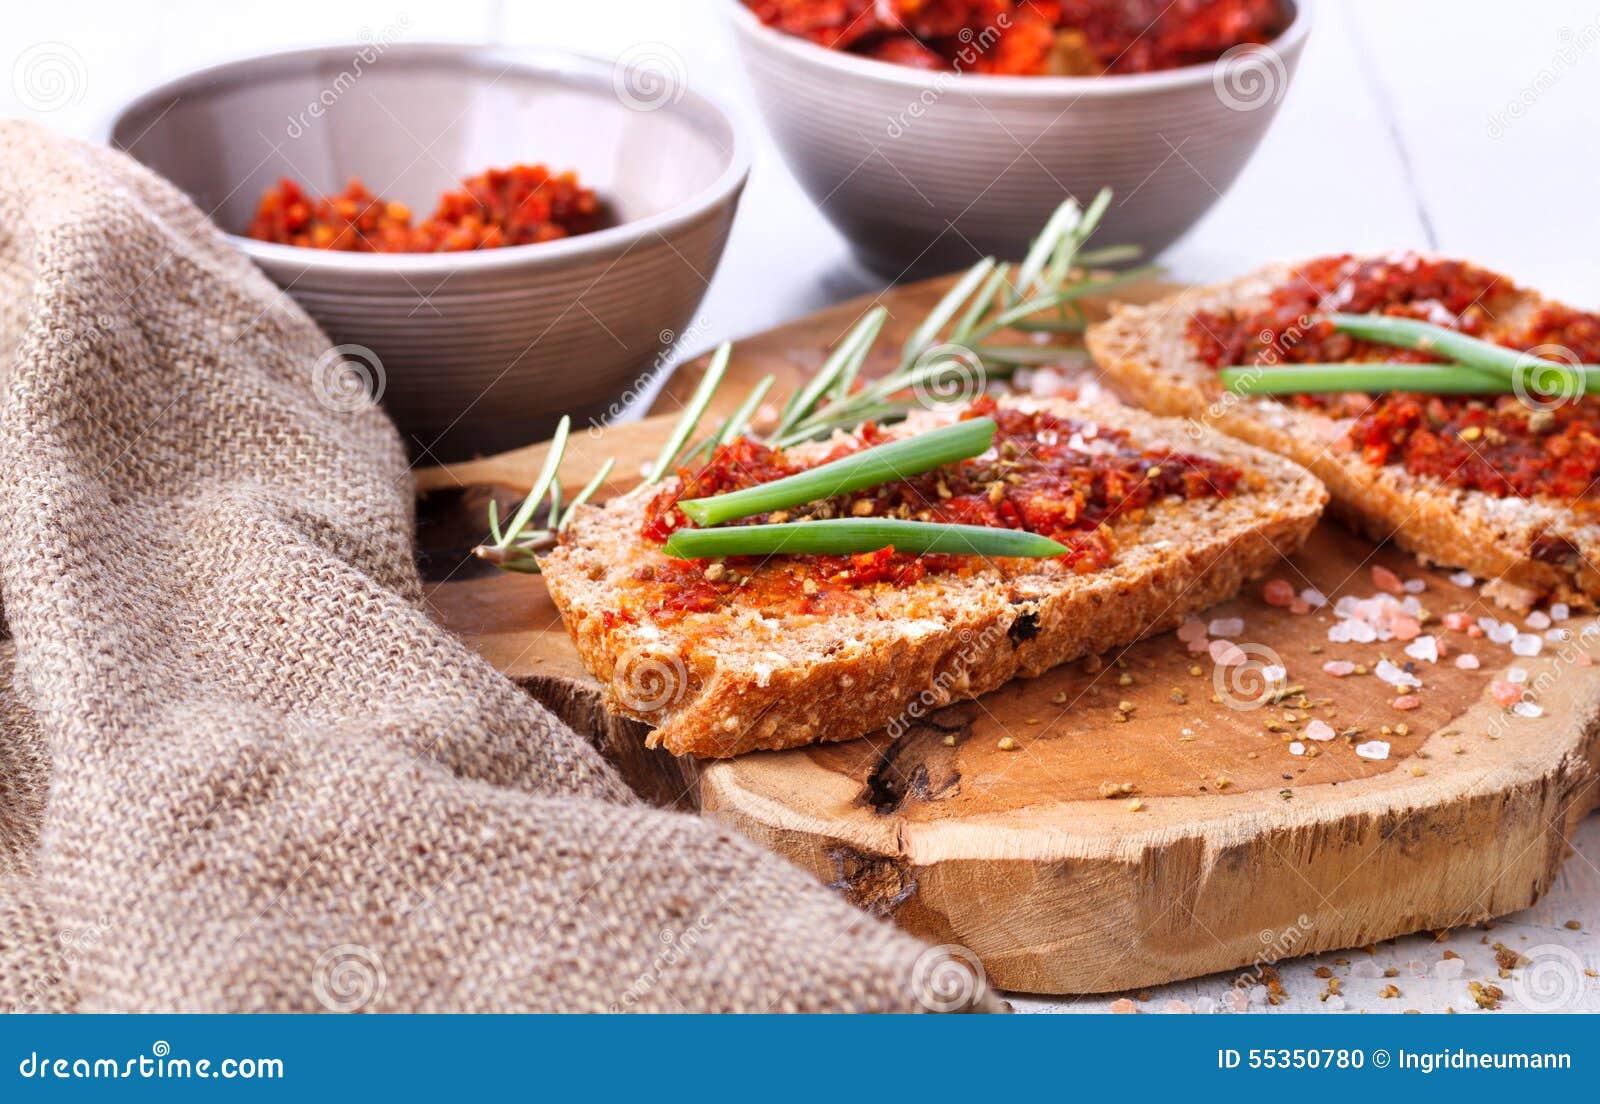 Pane con i pomodori e le erbe secchi